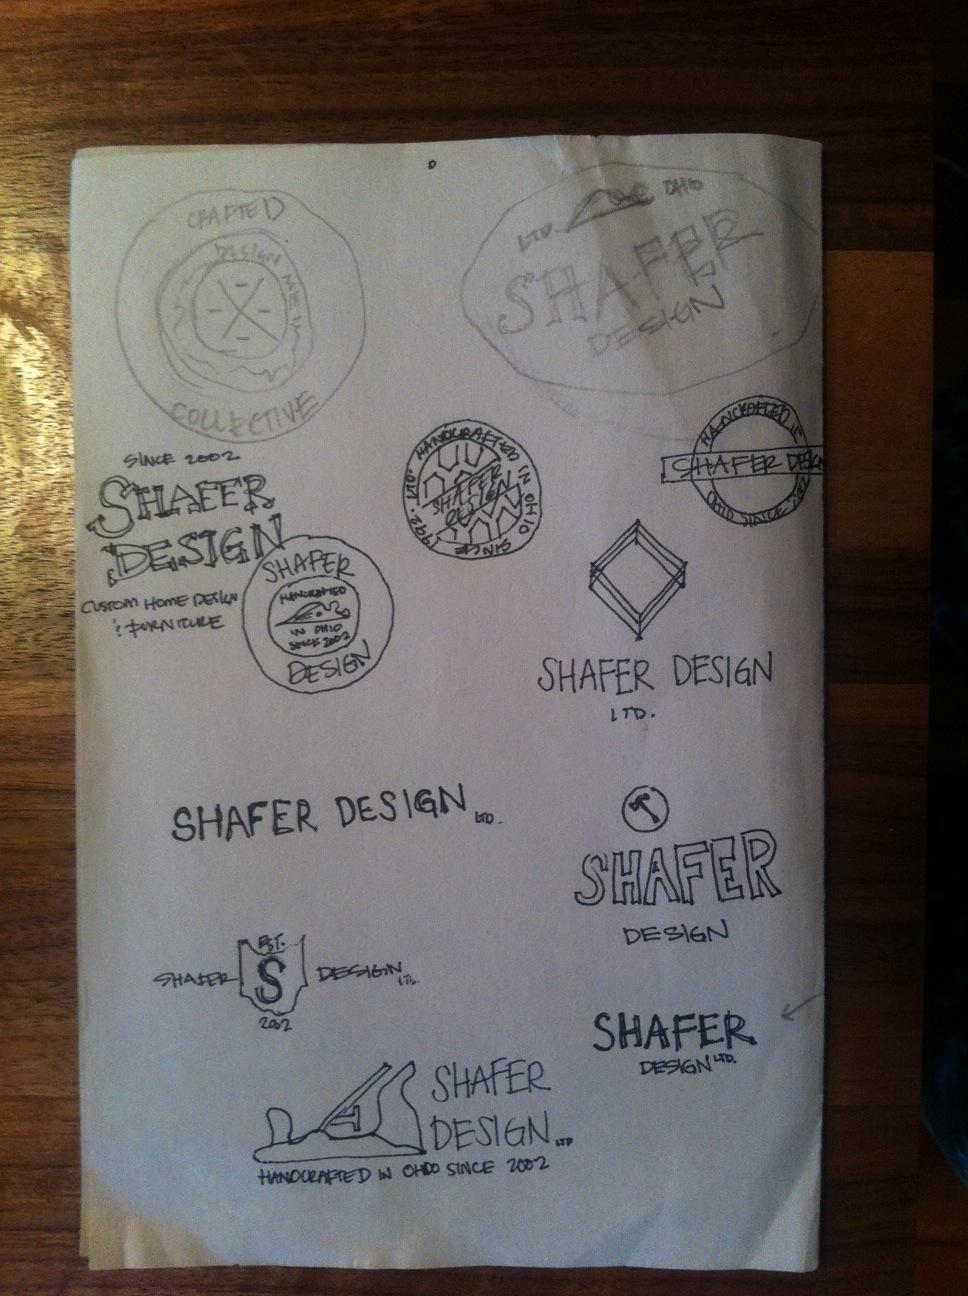 Designer & Furniture Maker Branding - image 1 - student project